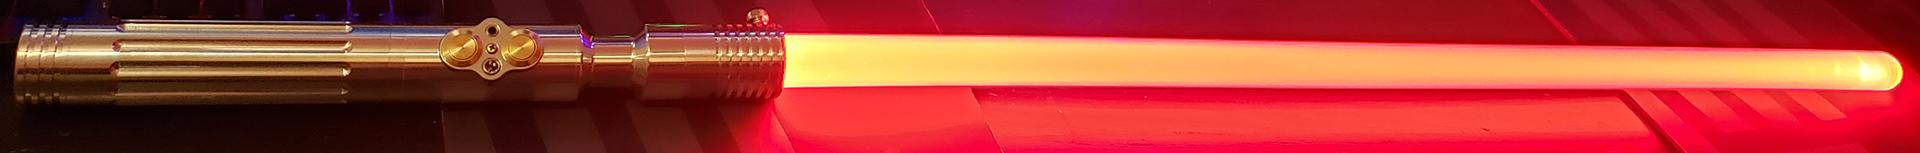 StJude-Red